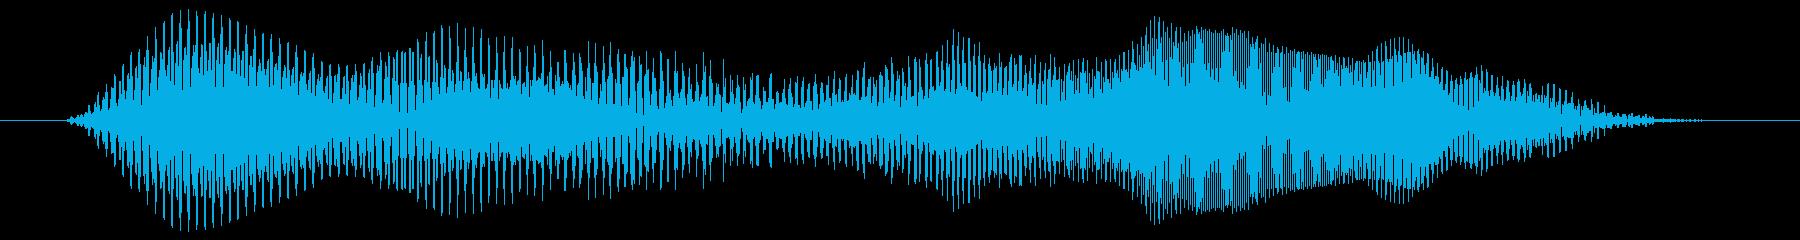 いやーん1(無加工)【セクシー、ギャグ】の再生済みの波形